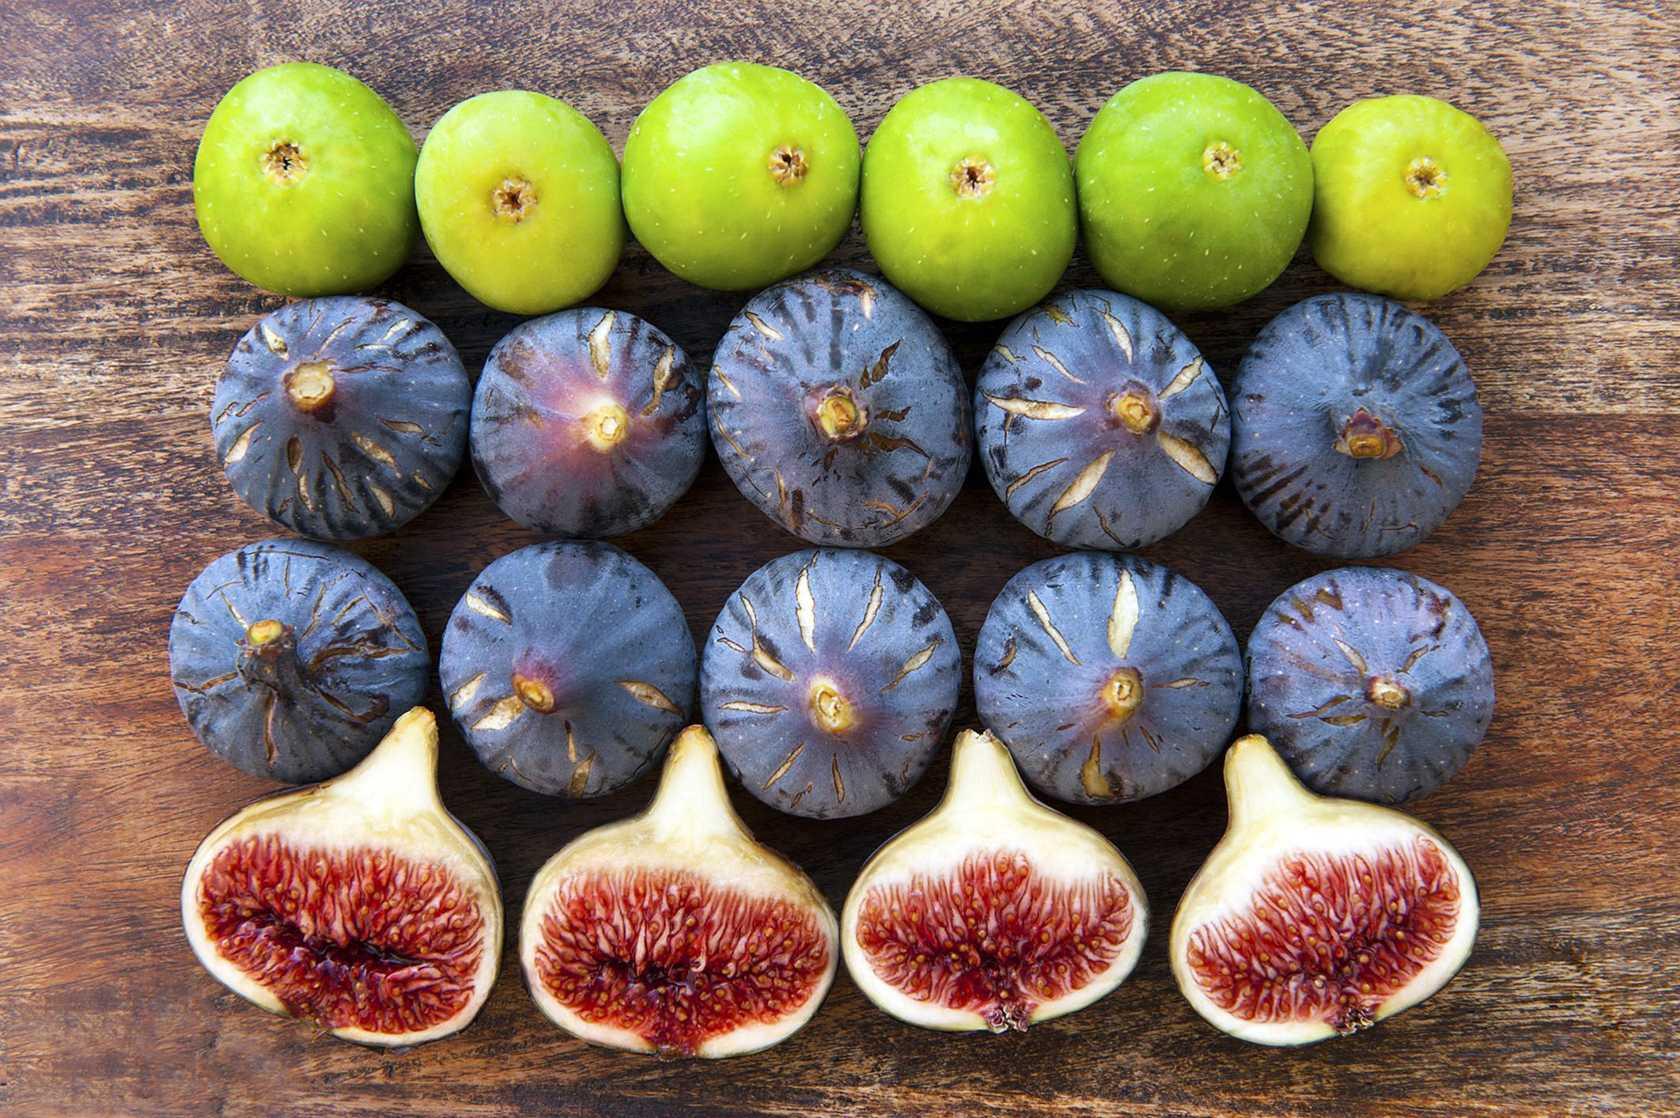 Инжир сушеный, как правильно есть, сколько плодов можно съедать в день